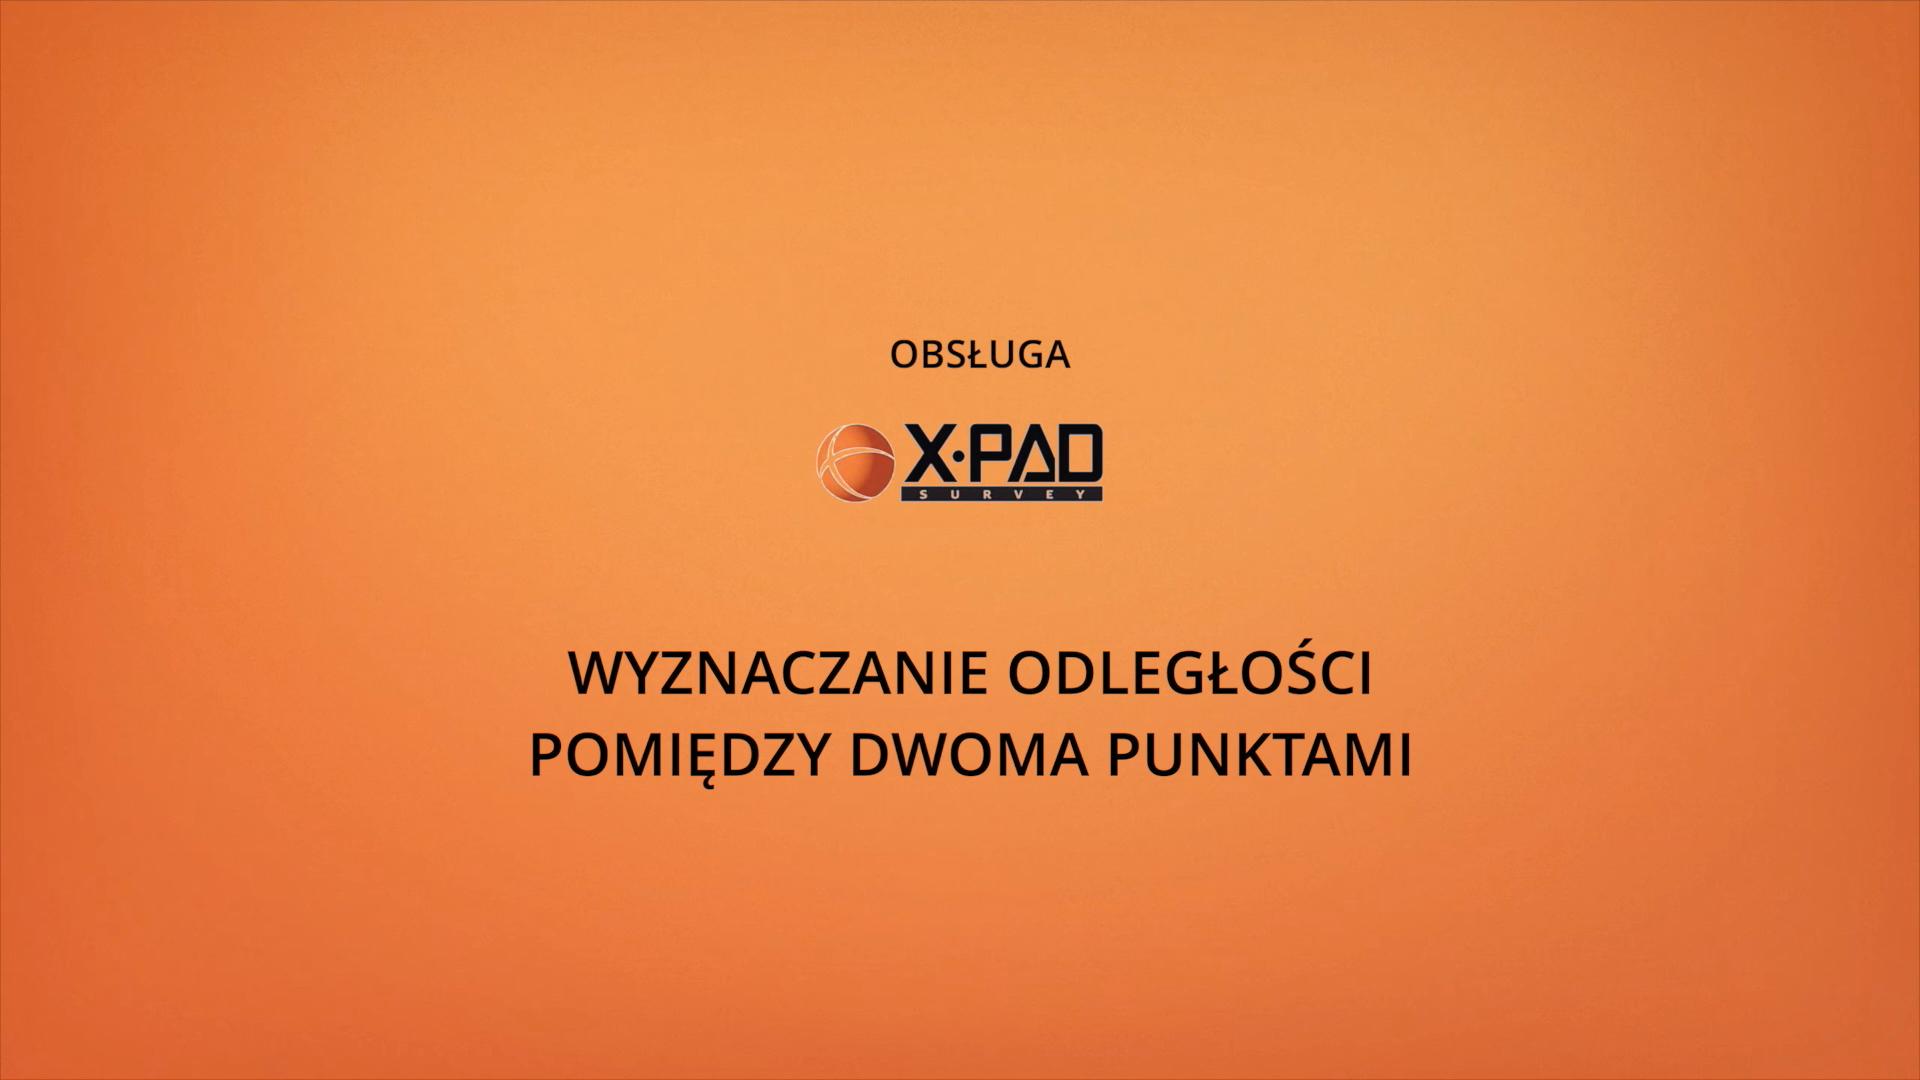 Wyznaczanie odległości pomiędzy dwoma punktami w xPad Geomax